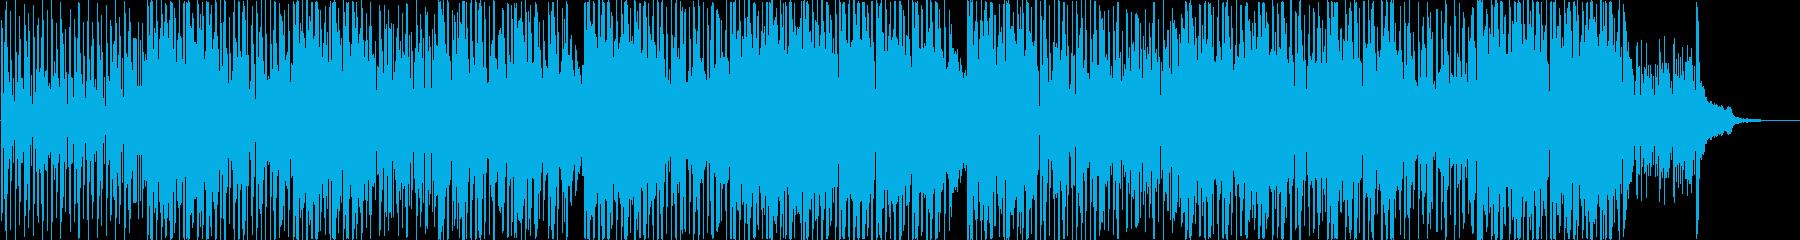 軽やかで可愛らしいインドポップの再生済みの波形